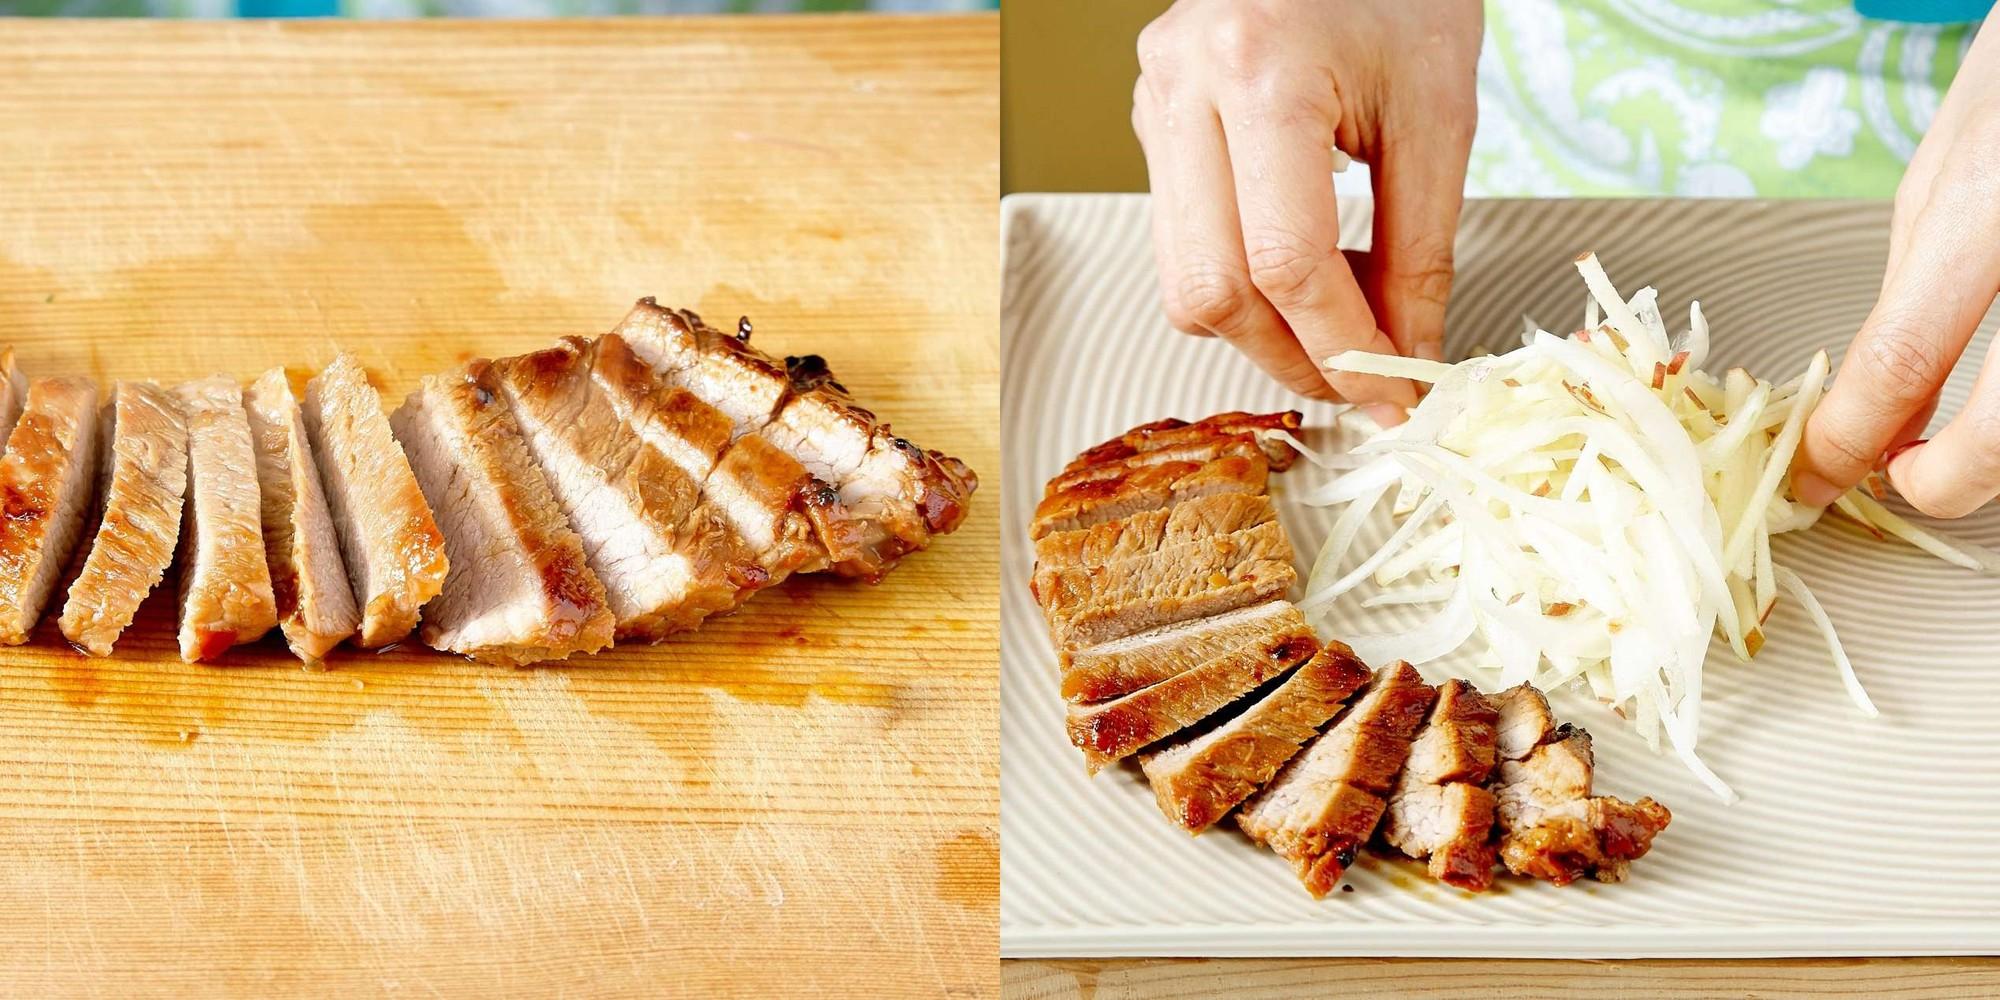 Bí quyết nhỏ cho món thịt áp chảo chuẩn 10 mềm ngon đúng điệu - Ảnh 4.